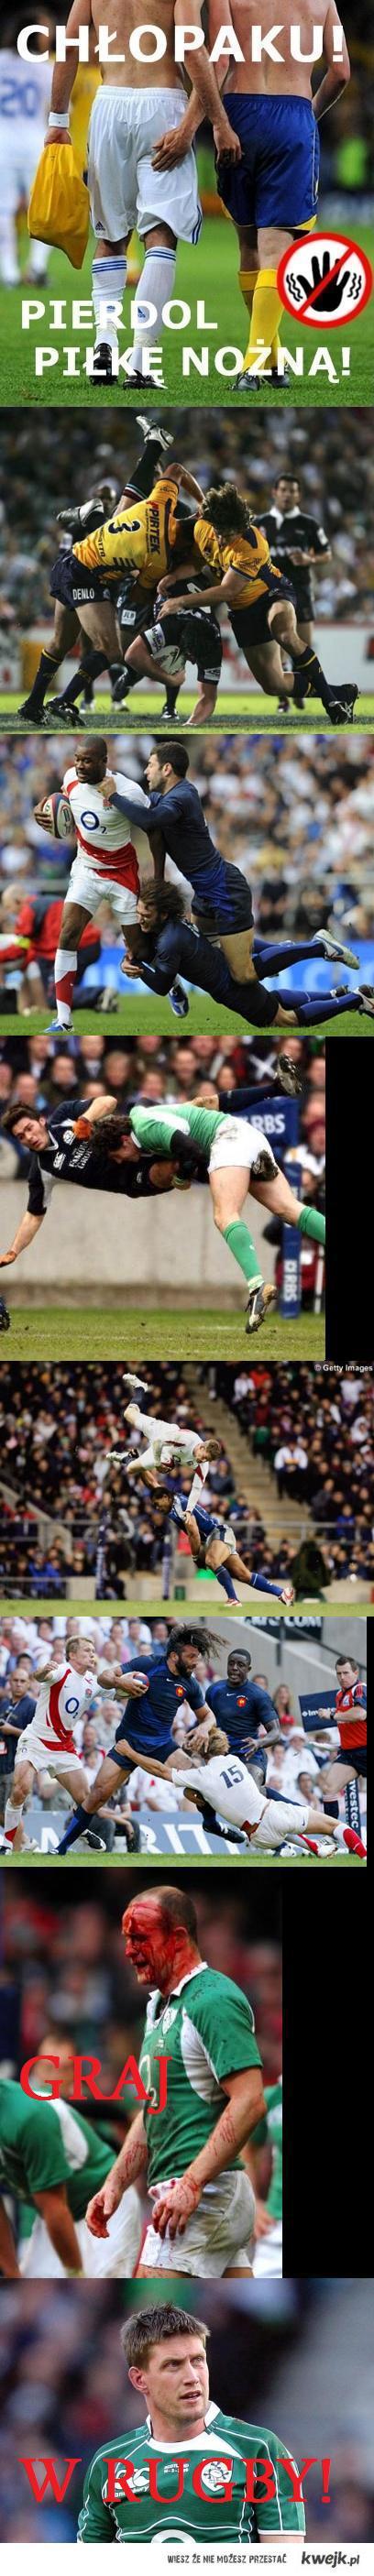 Chłopaku, pierdol pikę nożną! Graj w rugby!